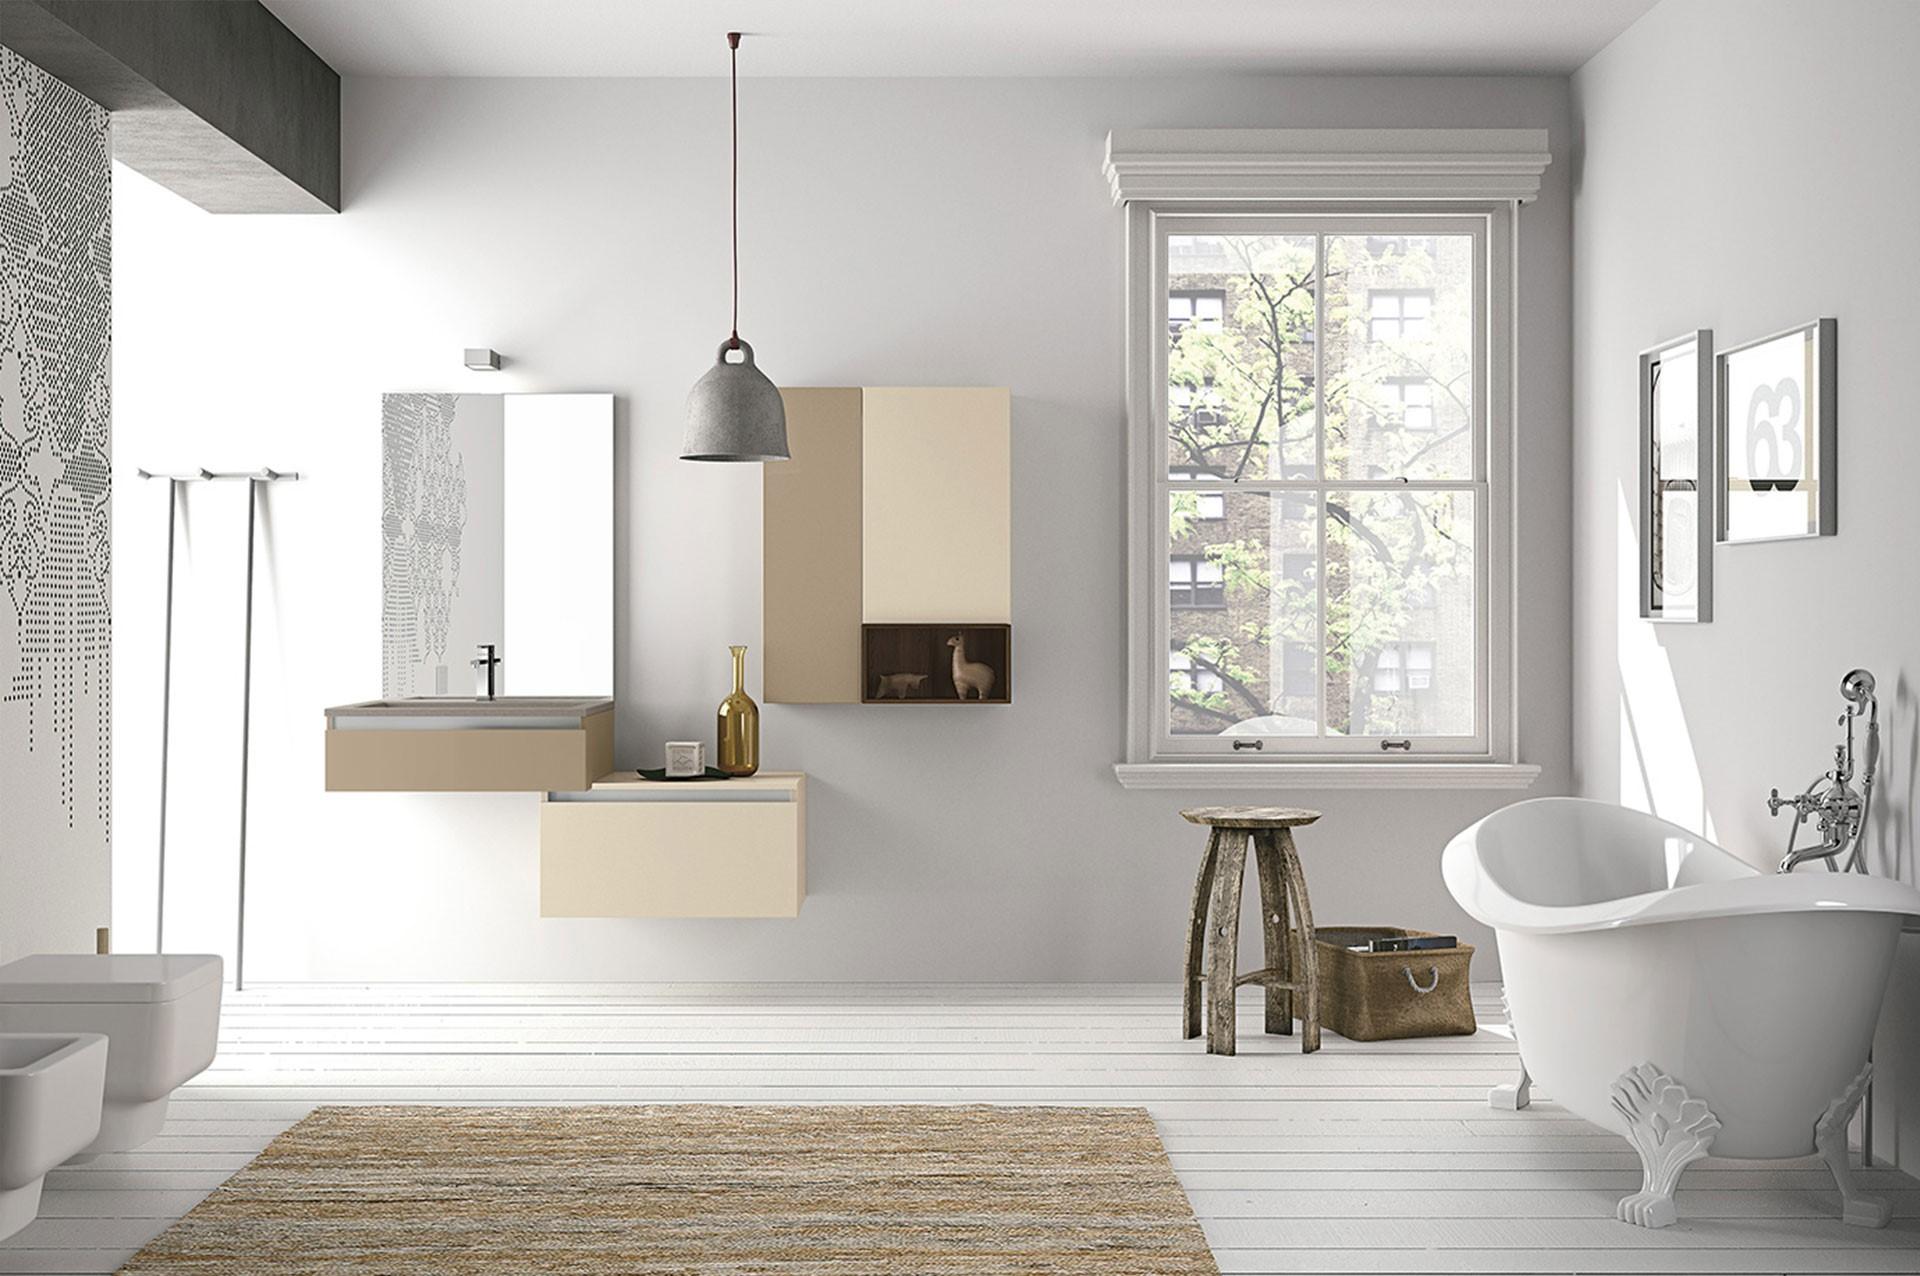 Sedie Bianche E Legno : Interni di caffè in legno con divani arancioni tavoli di marmo